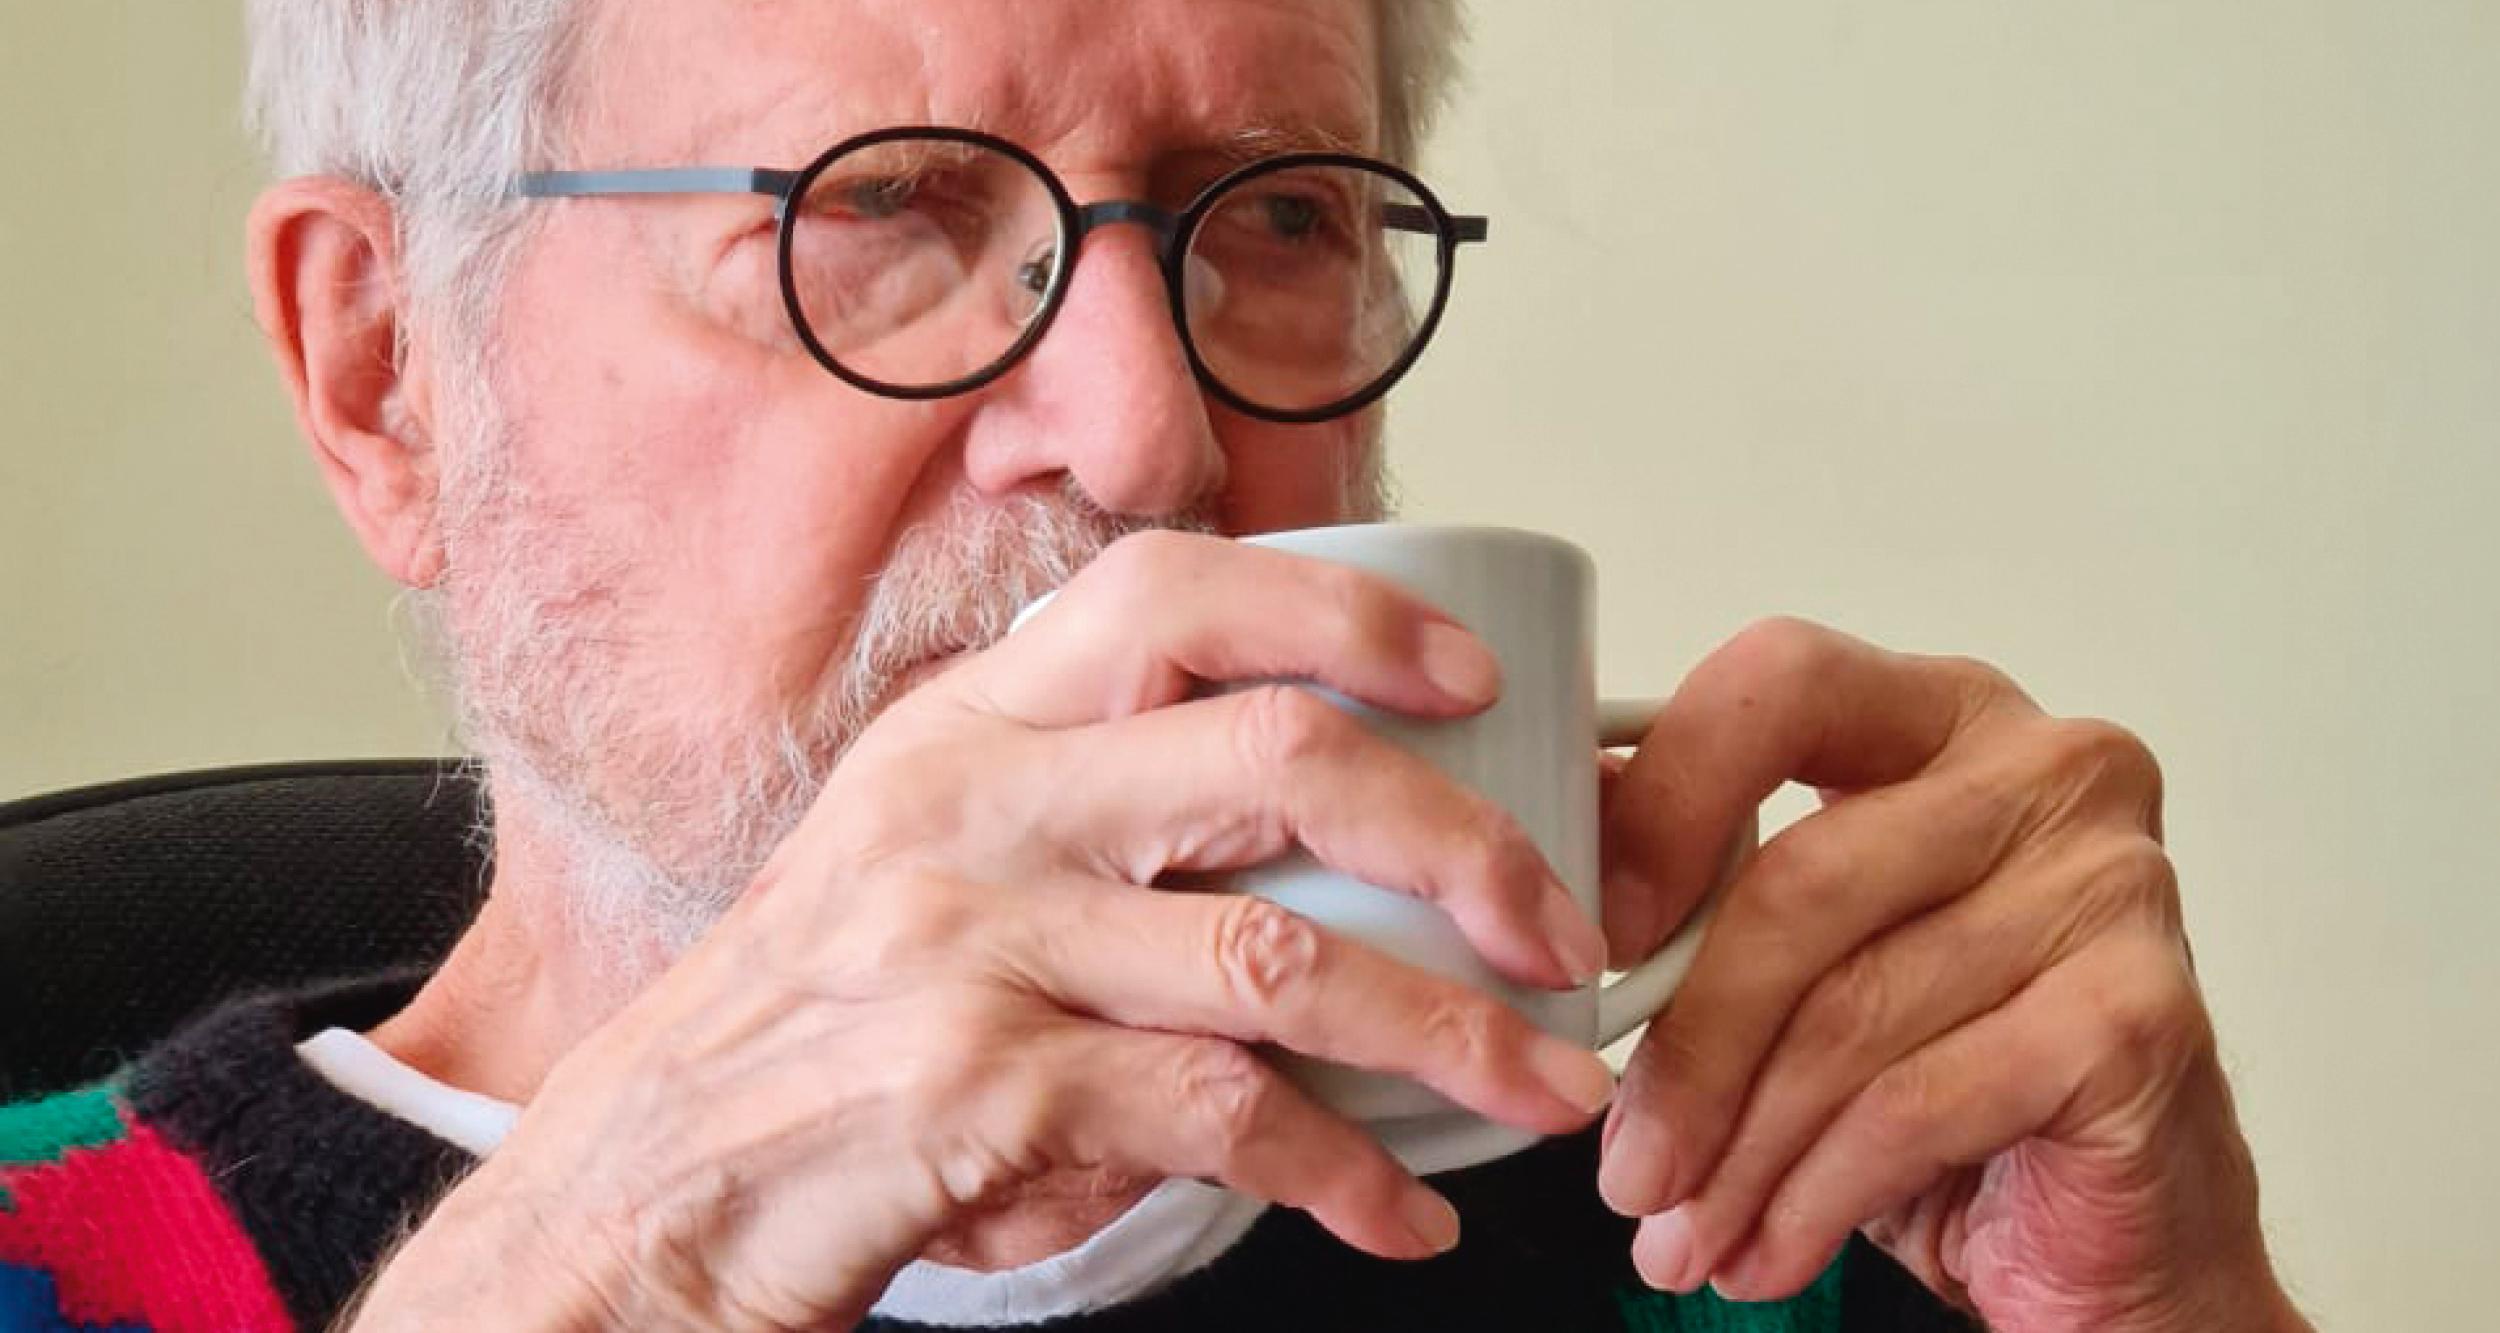 Em novo livro, Jean-Claude Bernardet diz por que interrompeu tratamento de câncer